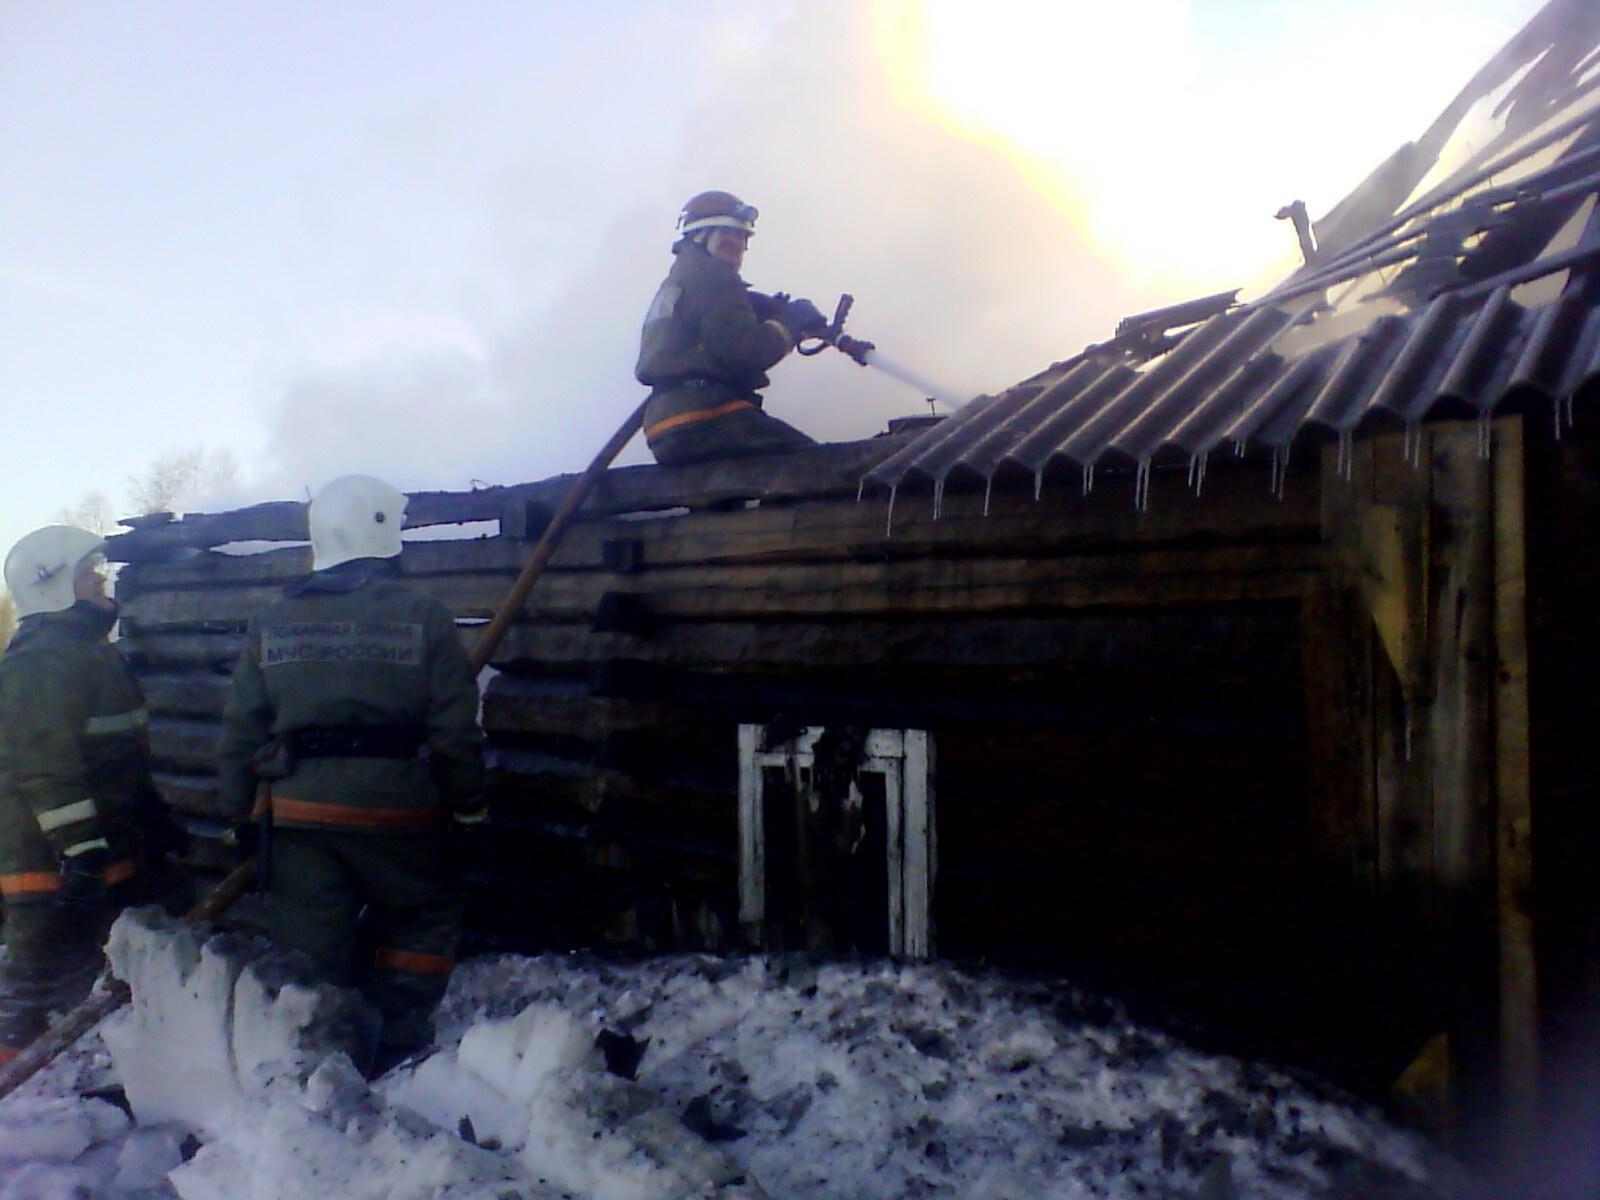 Пожарно-спасательные подразделения ликвидировали пожар в г. Северодвинске Архангельской области.